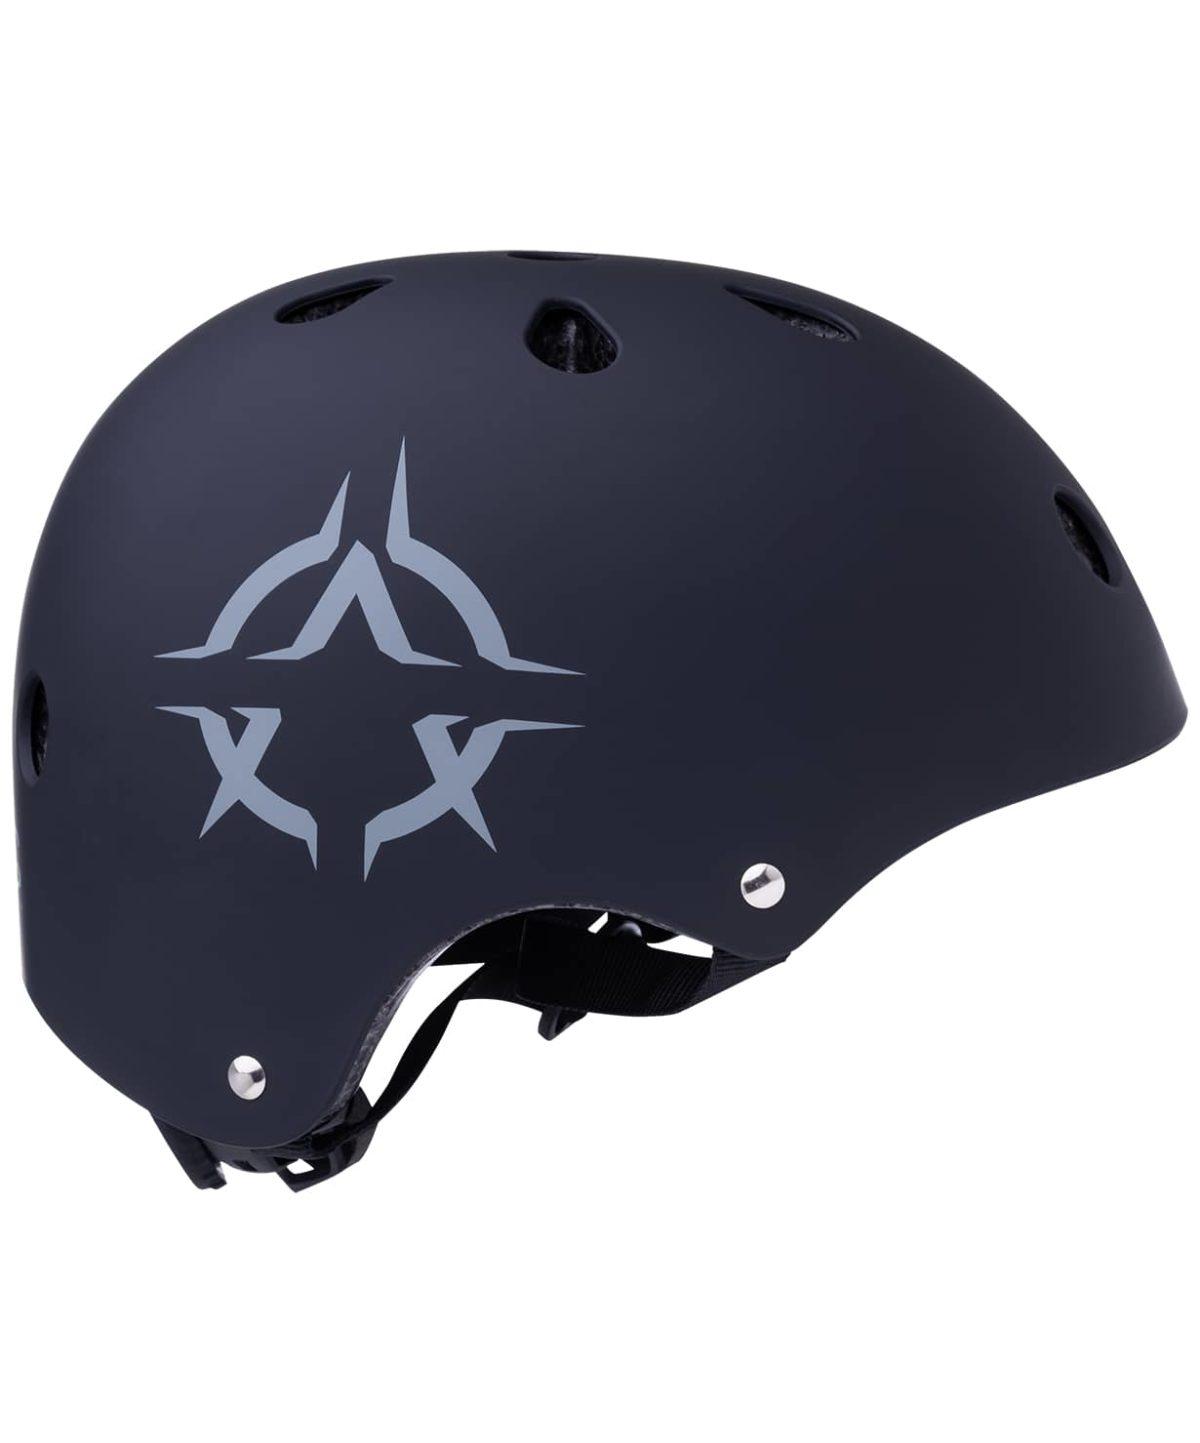 XAOS Dare Blak Шлем защитный  16805 - 3